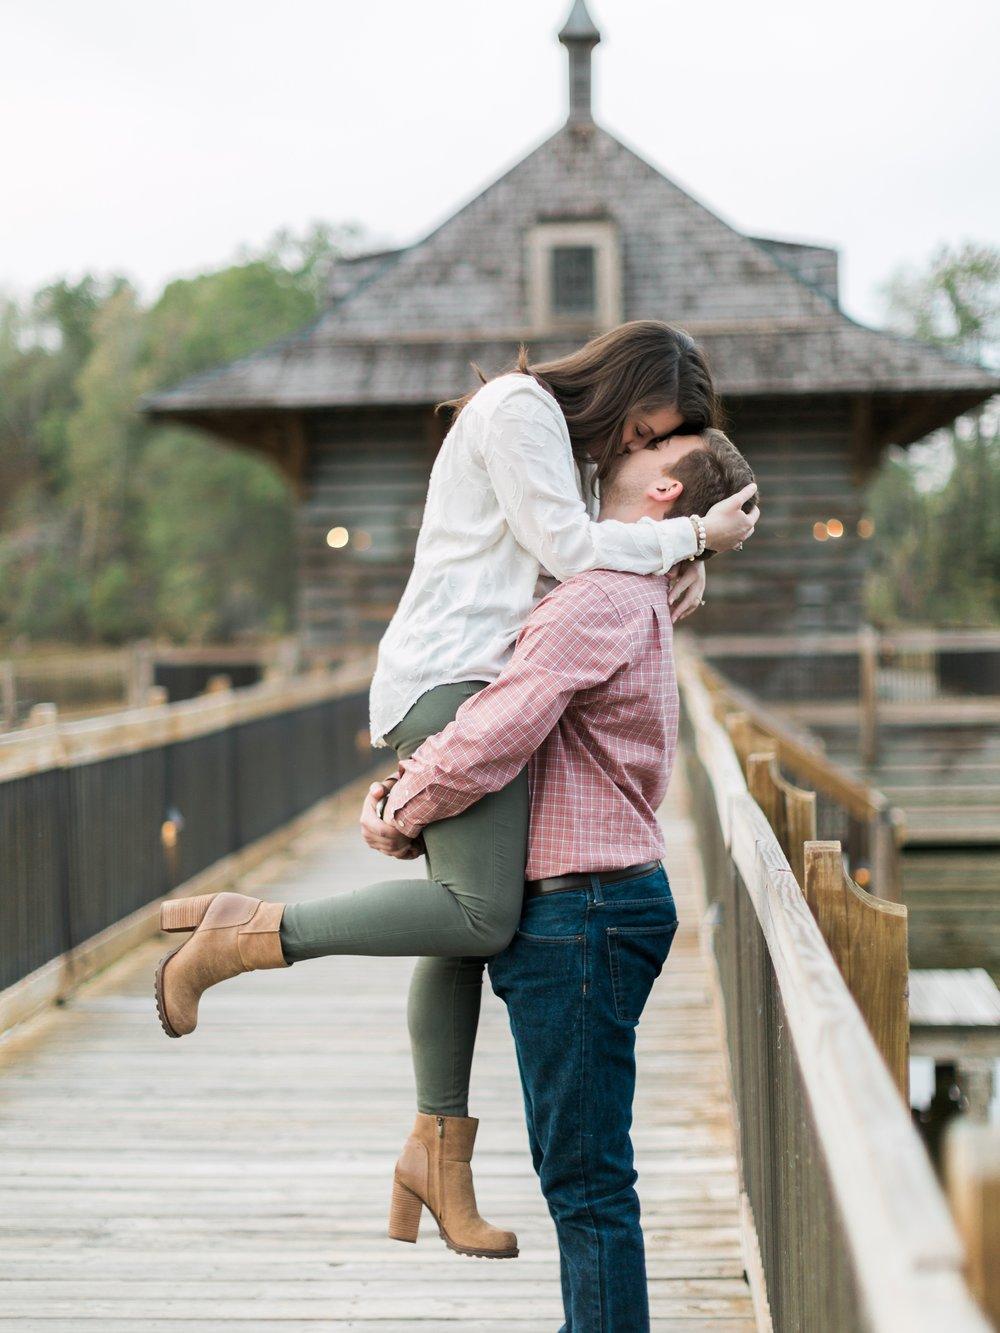 Romantic Kiss Engagement Pictures